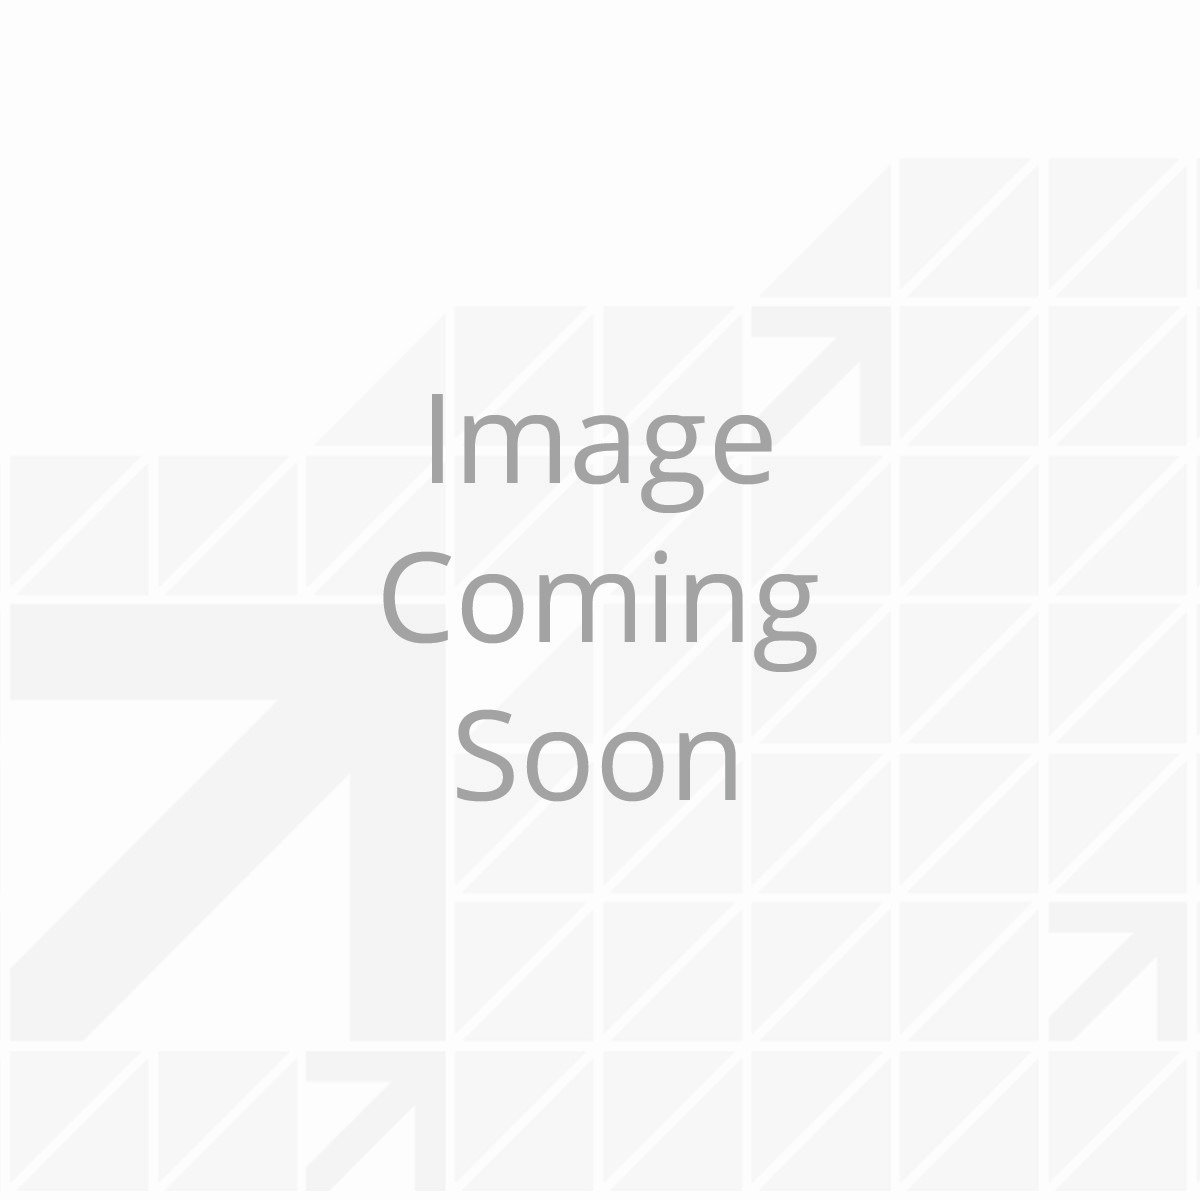 Toylok® ATV/UTV Mounting Kit